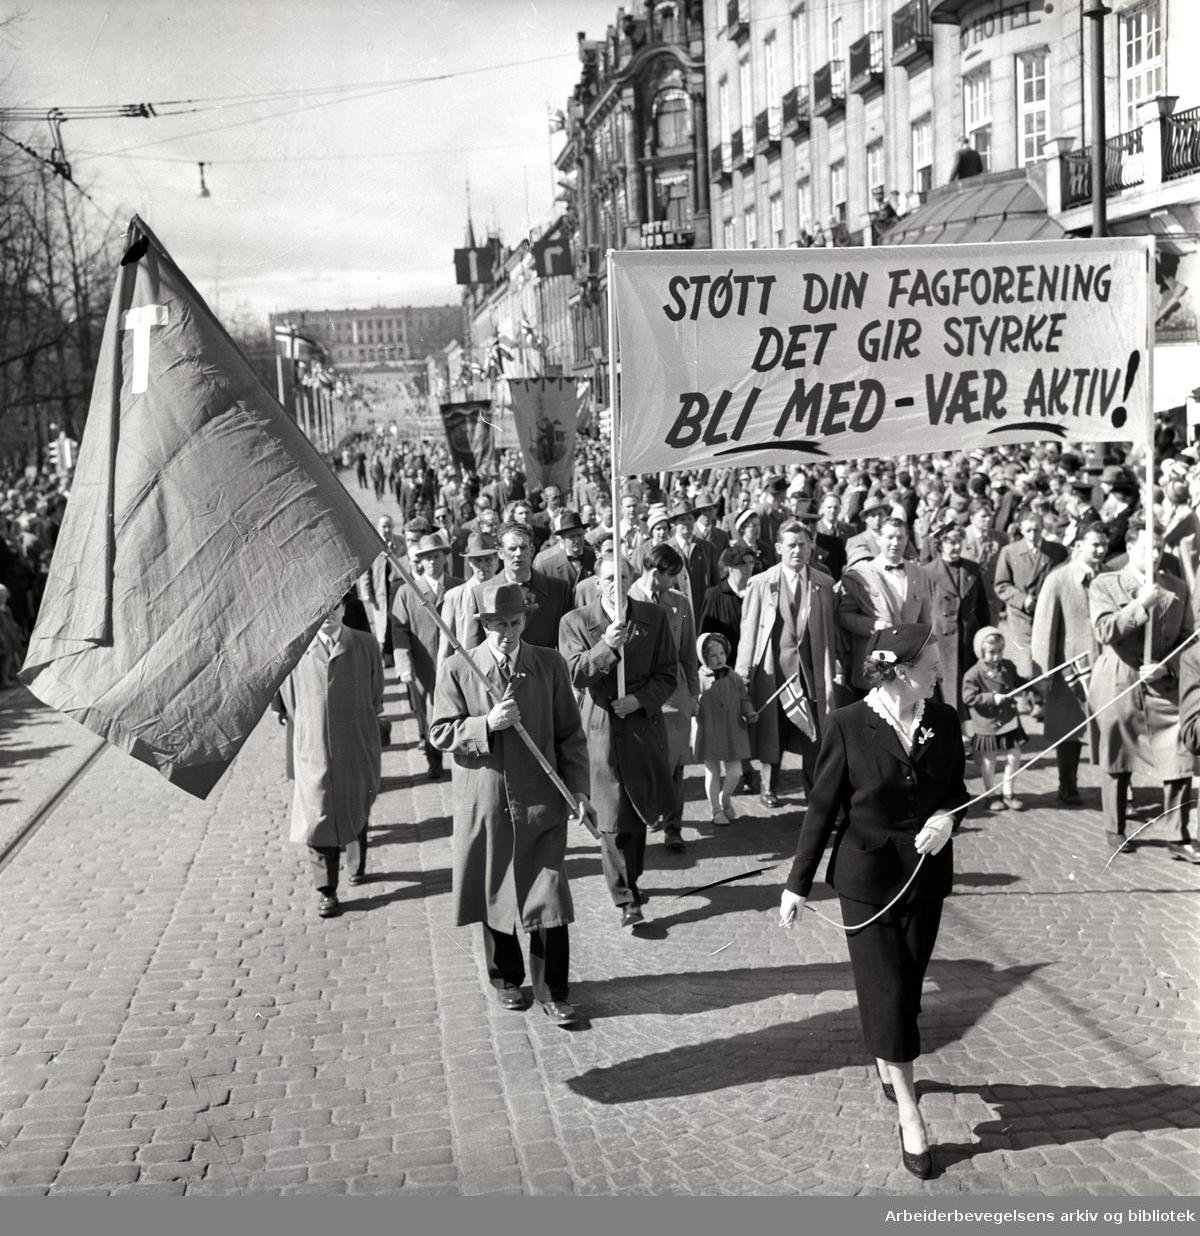 1. mai 1958 i Oslo.Demonstrasjonstoget på Karl Johans gate.Parole: Støtt din fagforening.Det gir styrke.Bli med - Vær aktiv!